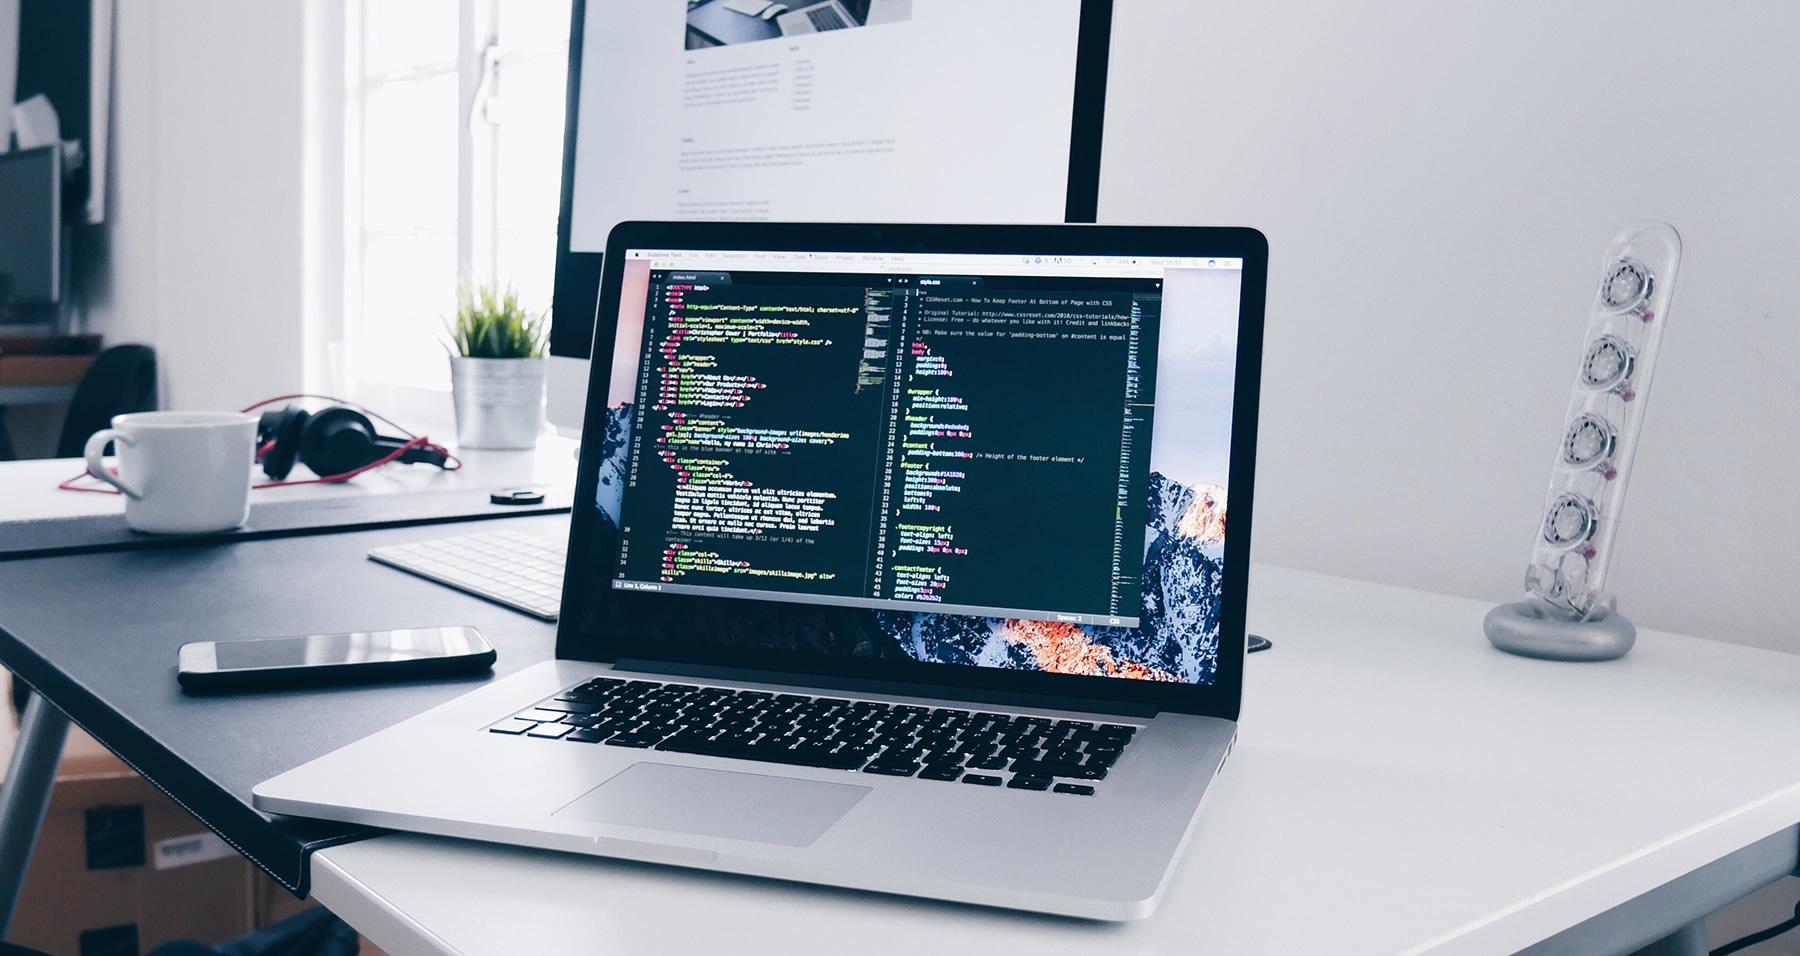 Diseño web responsive: en qué consiste y que beneficios aporta